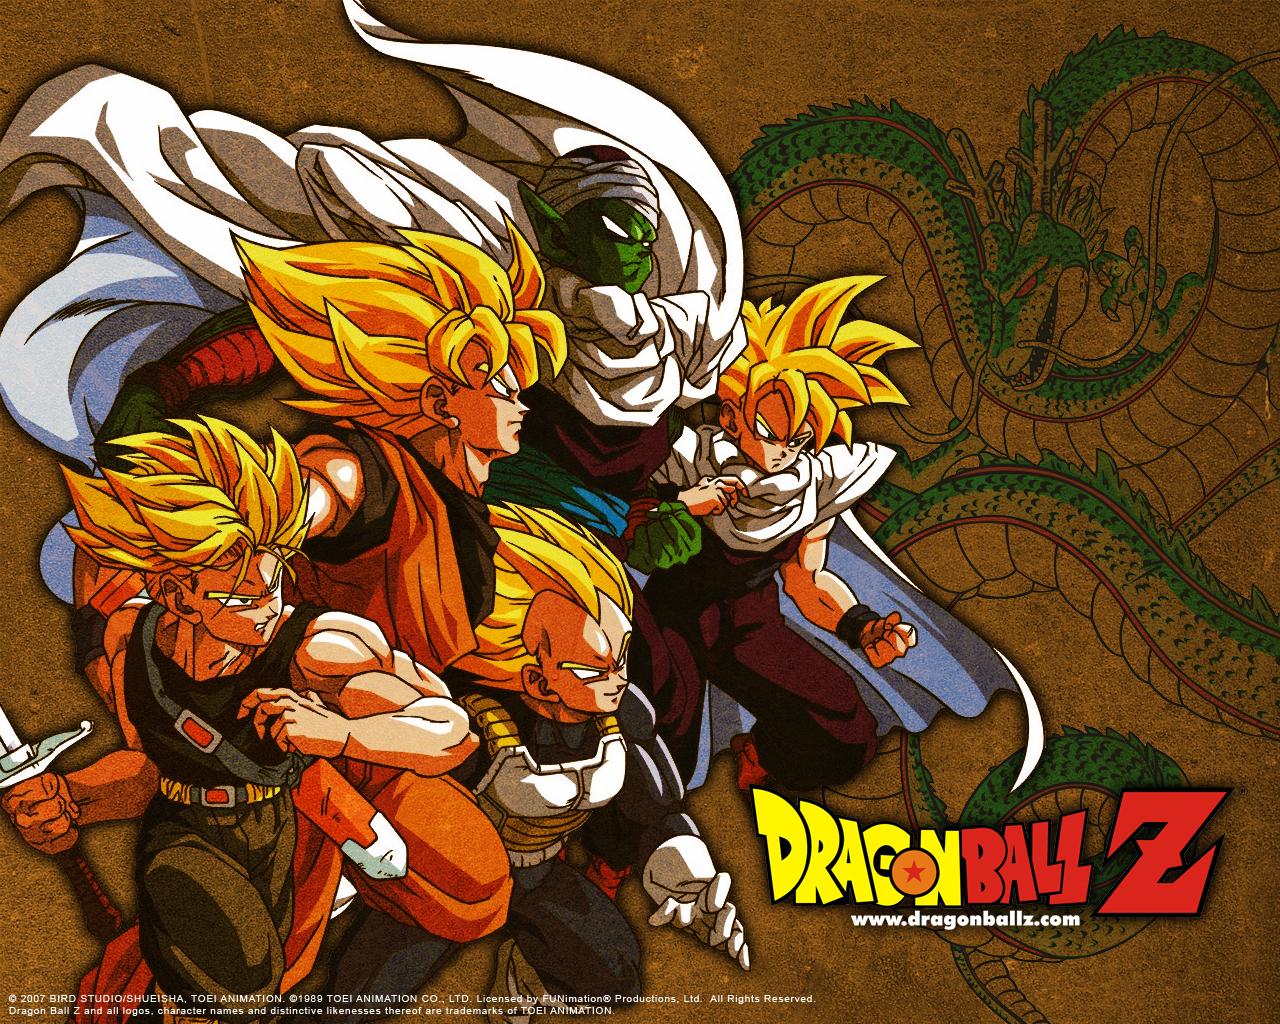 Dragon Ball Z - HD Wallpaper